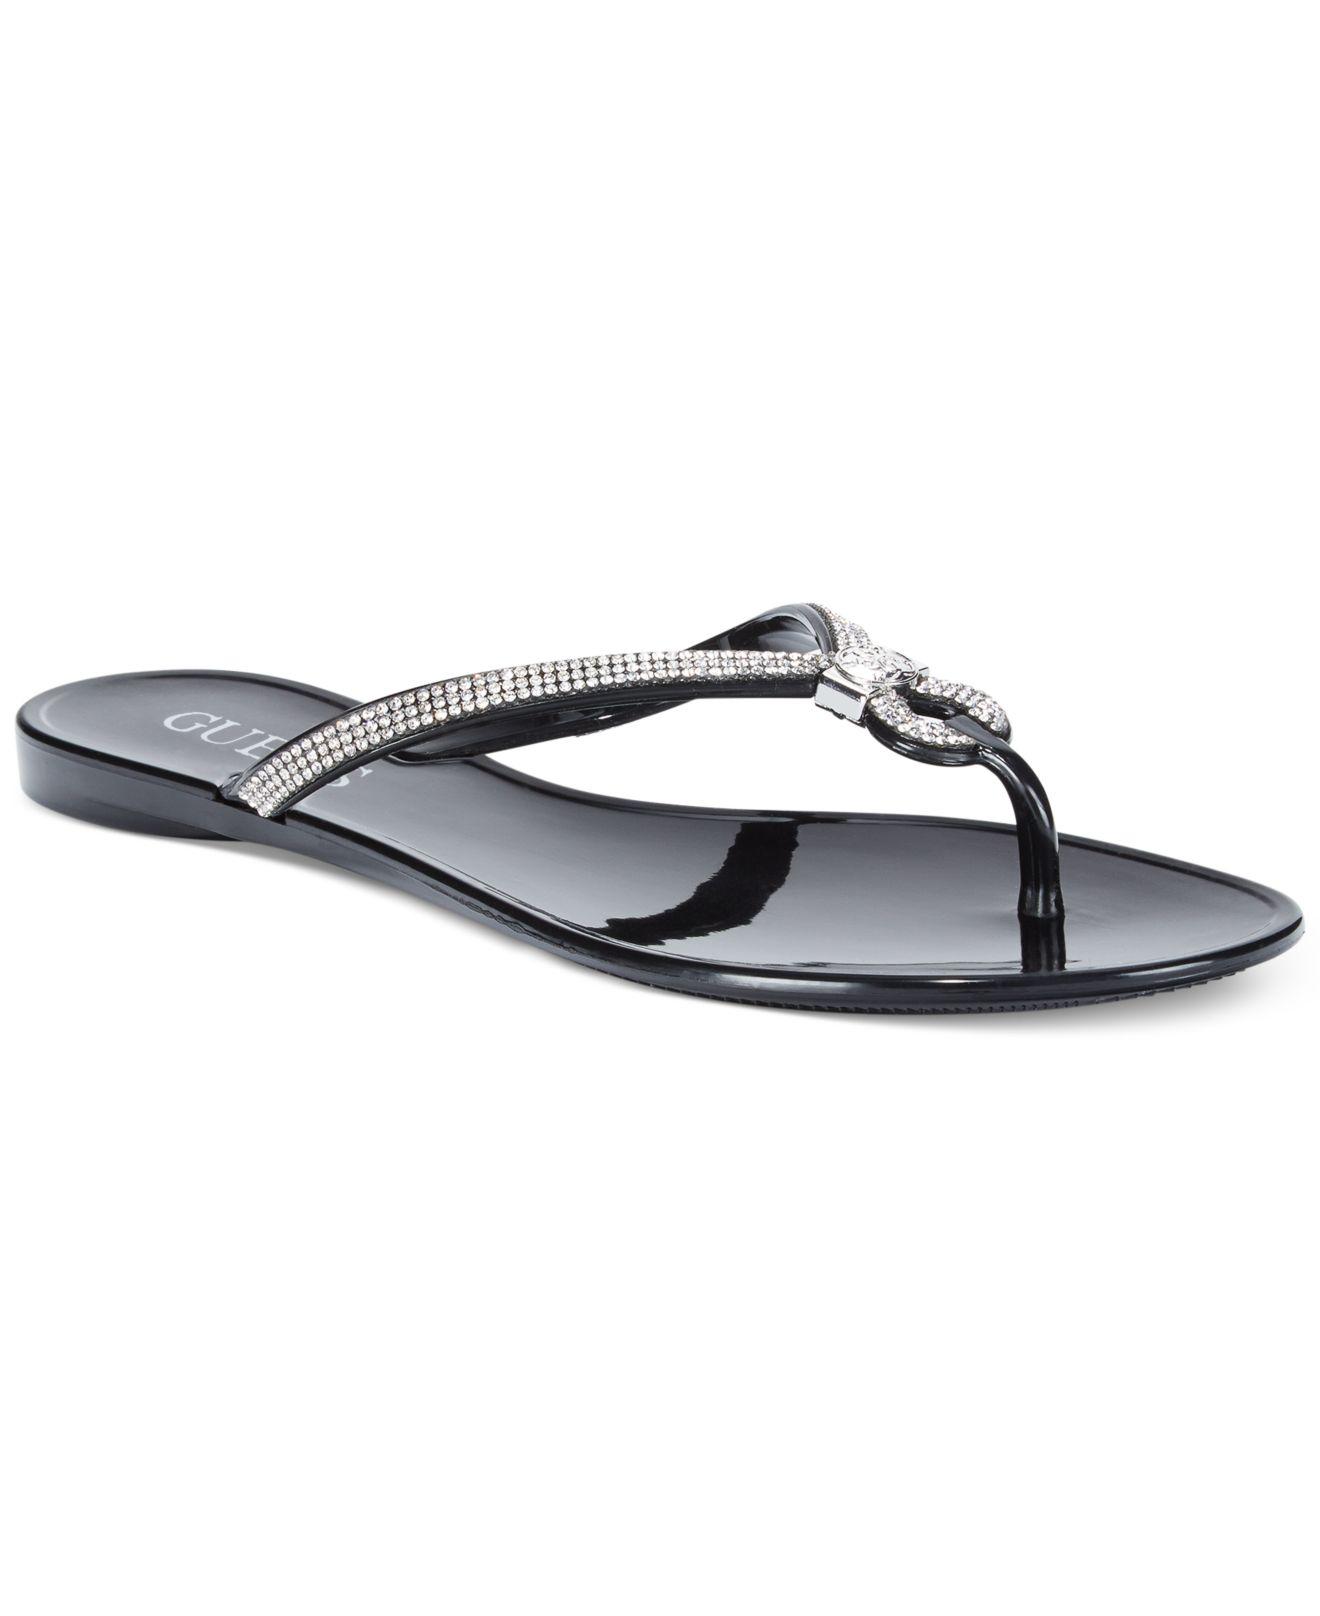 d3d1b5b41 Lyst - Guess Women s Jadelle Flip Flops in Black